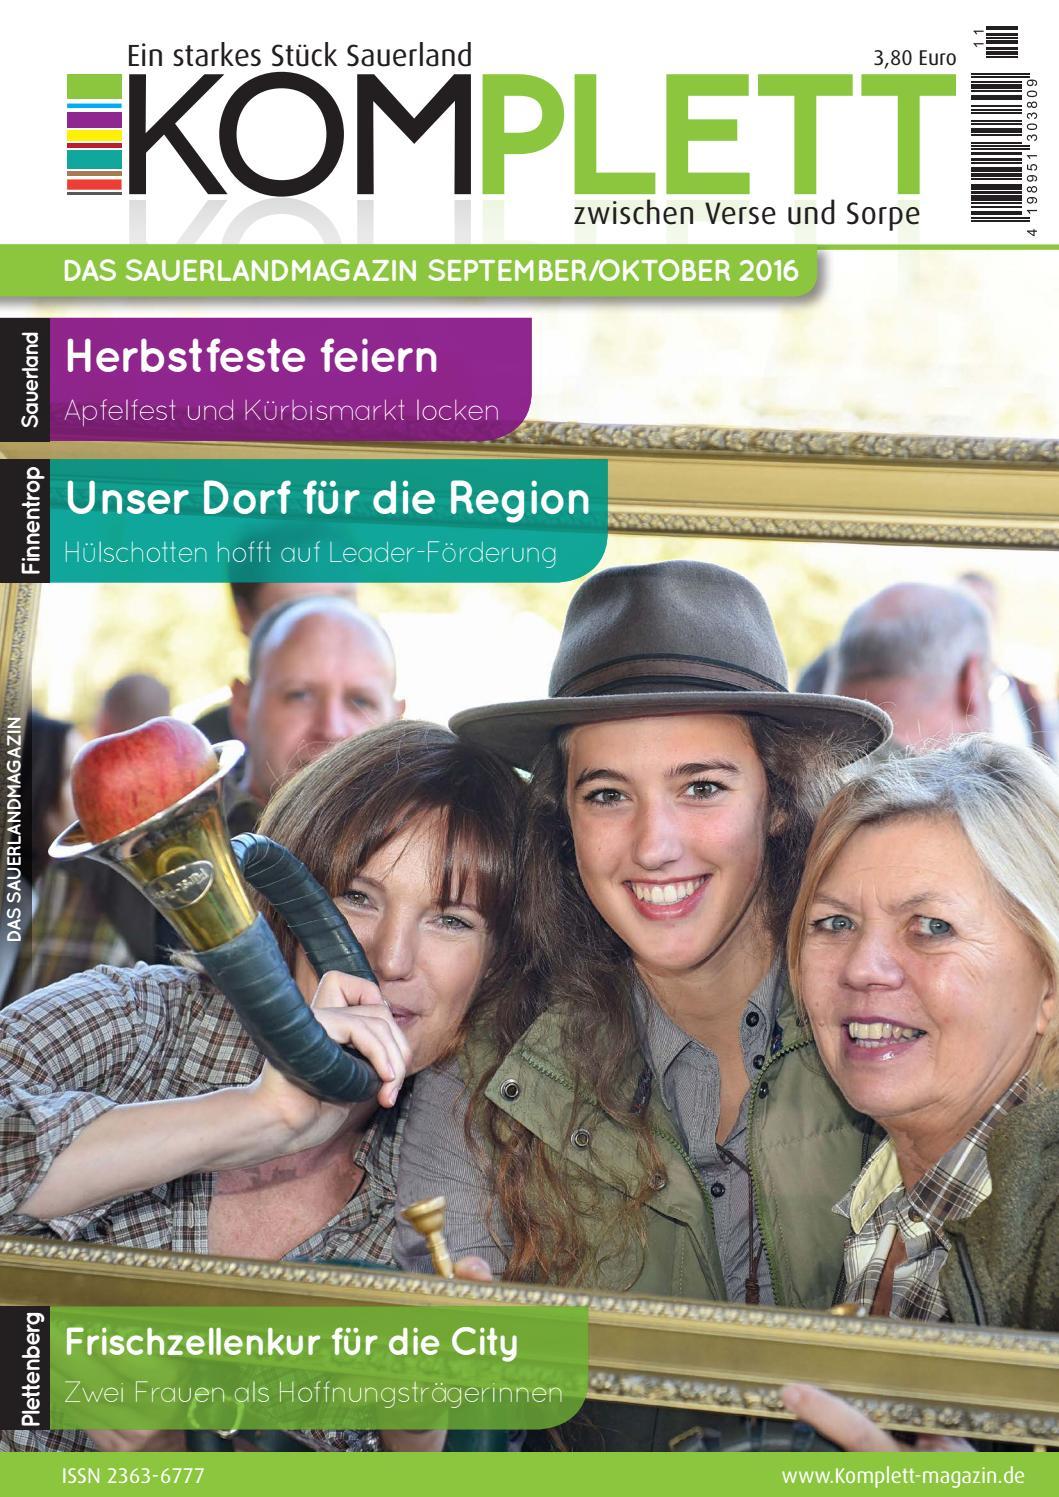 Komplett das sauerlandmagazin   die komplette ausgabe januar ...